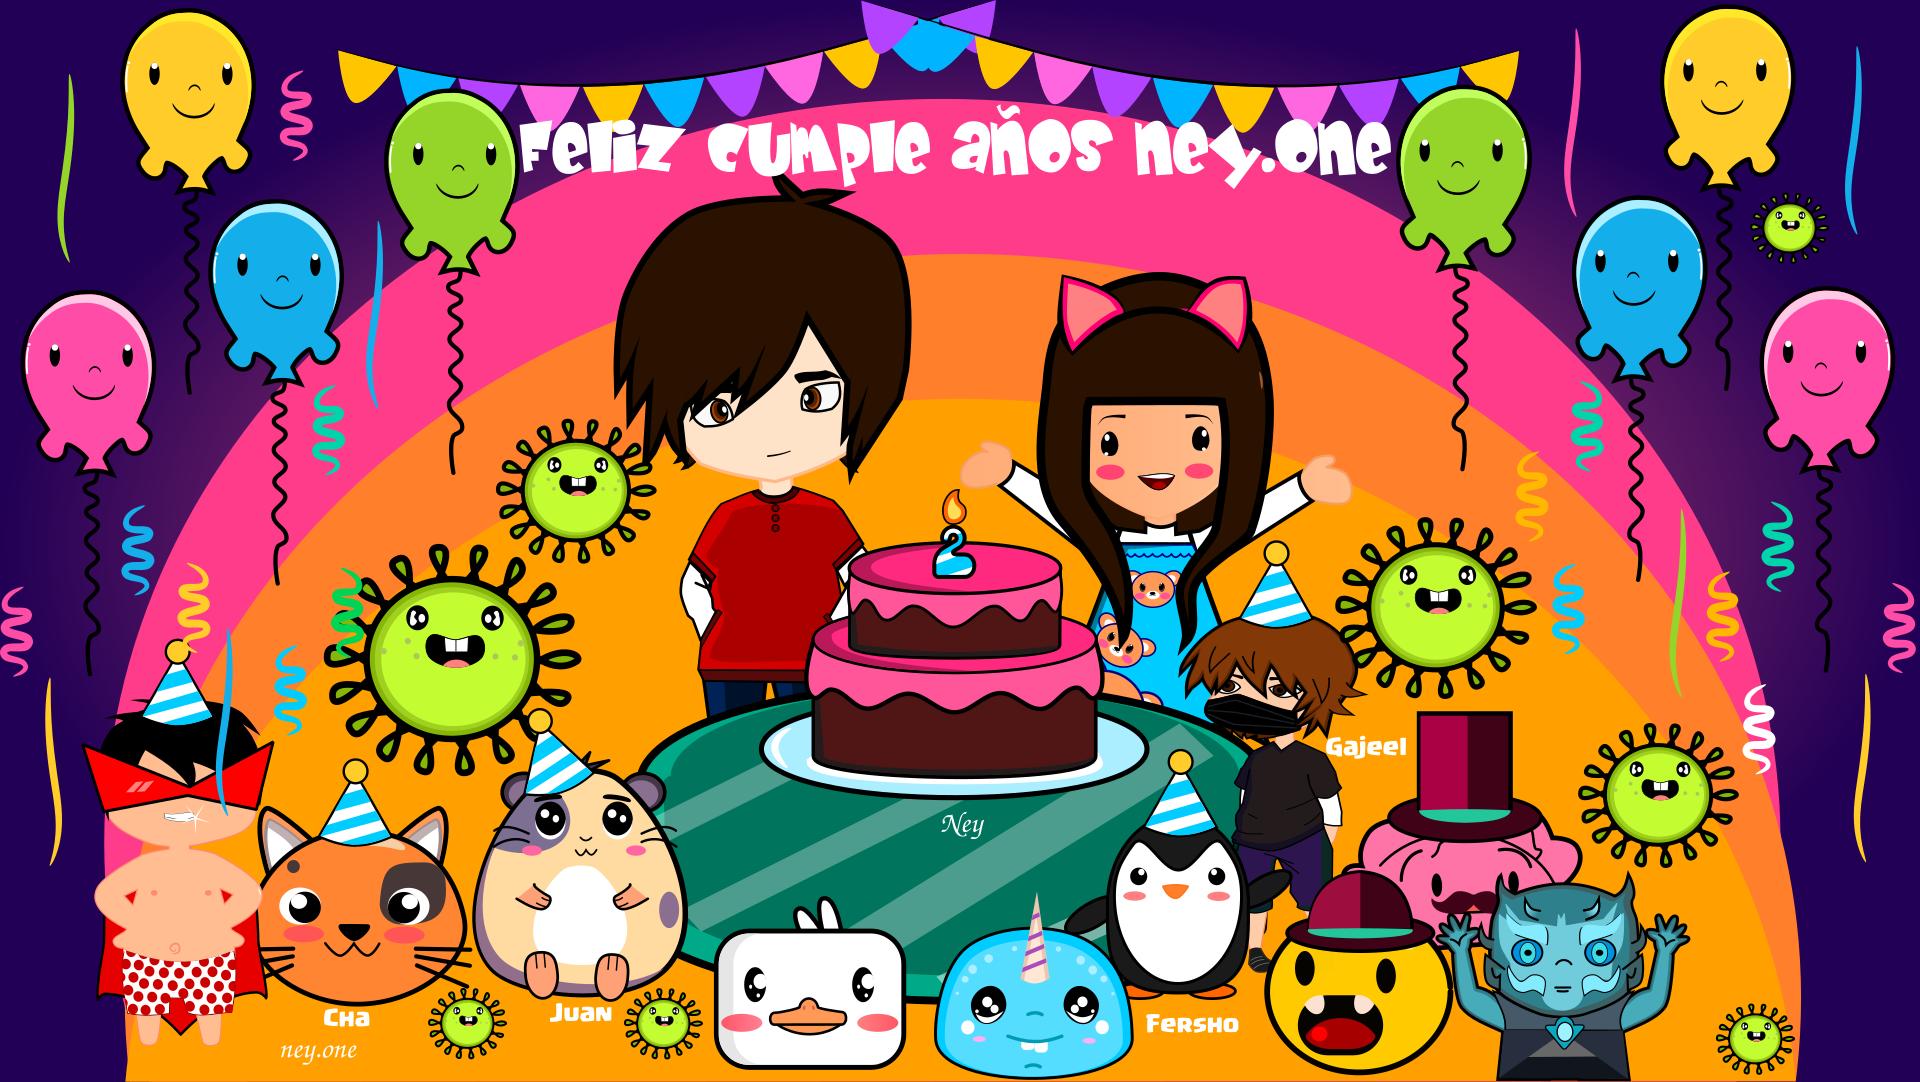 Happy Birthday image, Feliz cumple años, happy birthday to me image